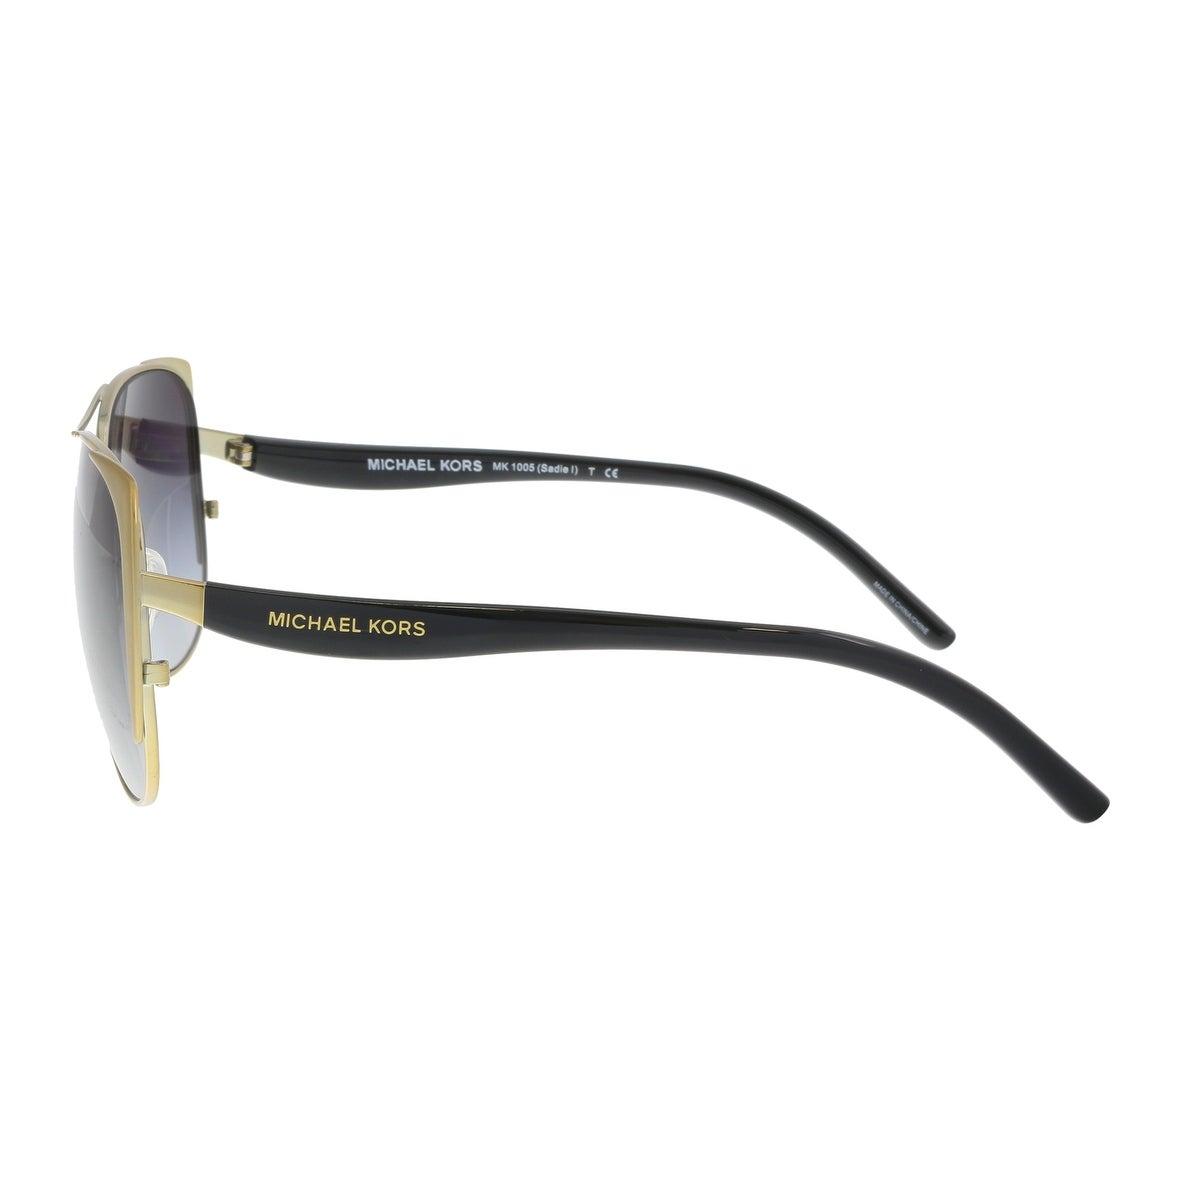 9a152ab7da883 Shop Michael Kors MK1005 115611 Sadie Gold Aviator Sunglasses - 59-15-135 -  Free Shipping Today - Overstock.com - 19547268